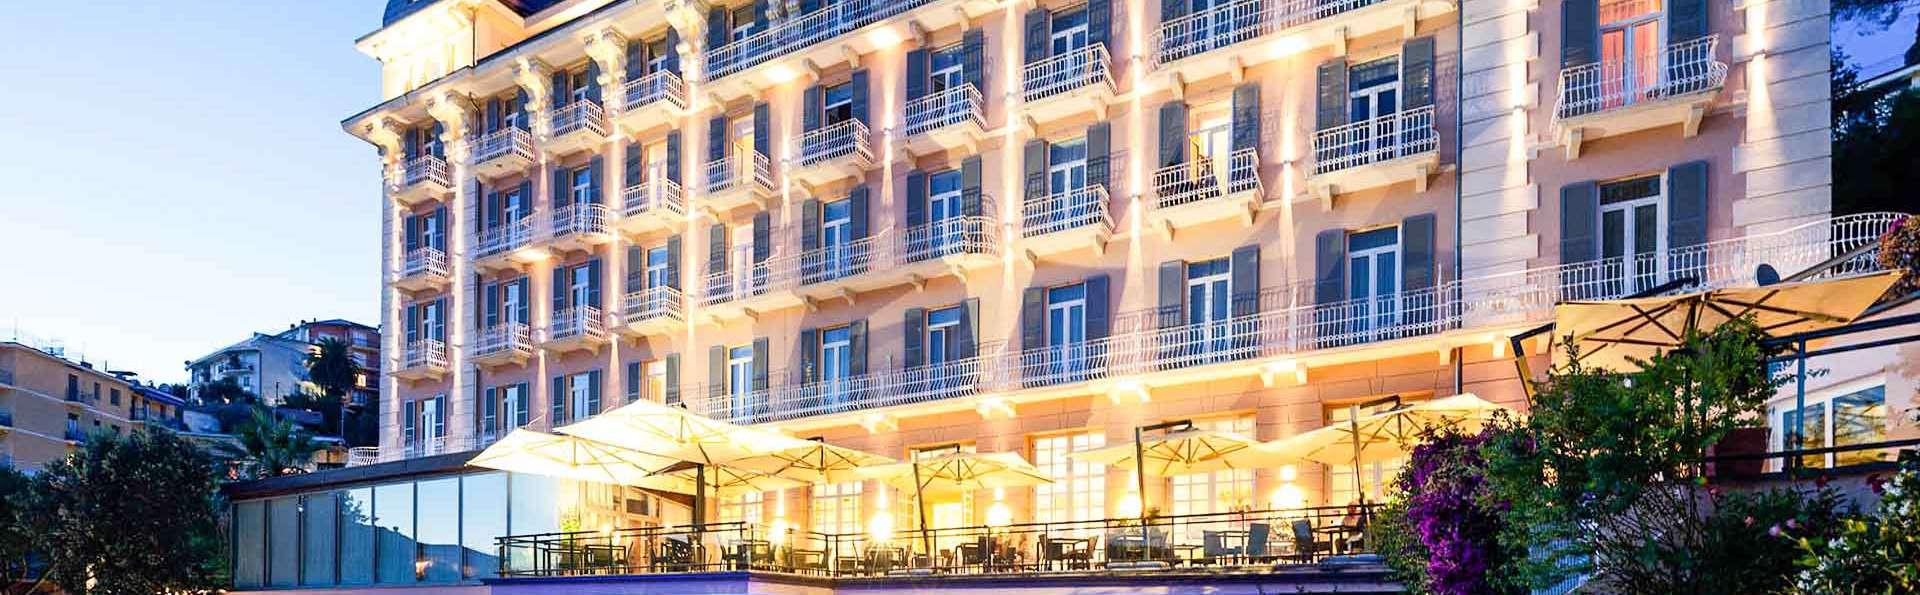 Grand Hotel Bristol Resort & Spa - EDIT_FACCIATA_02.jpg